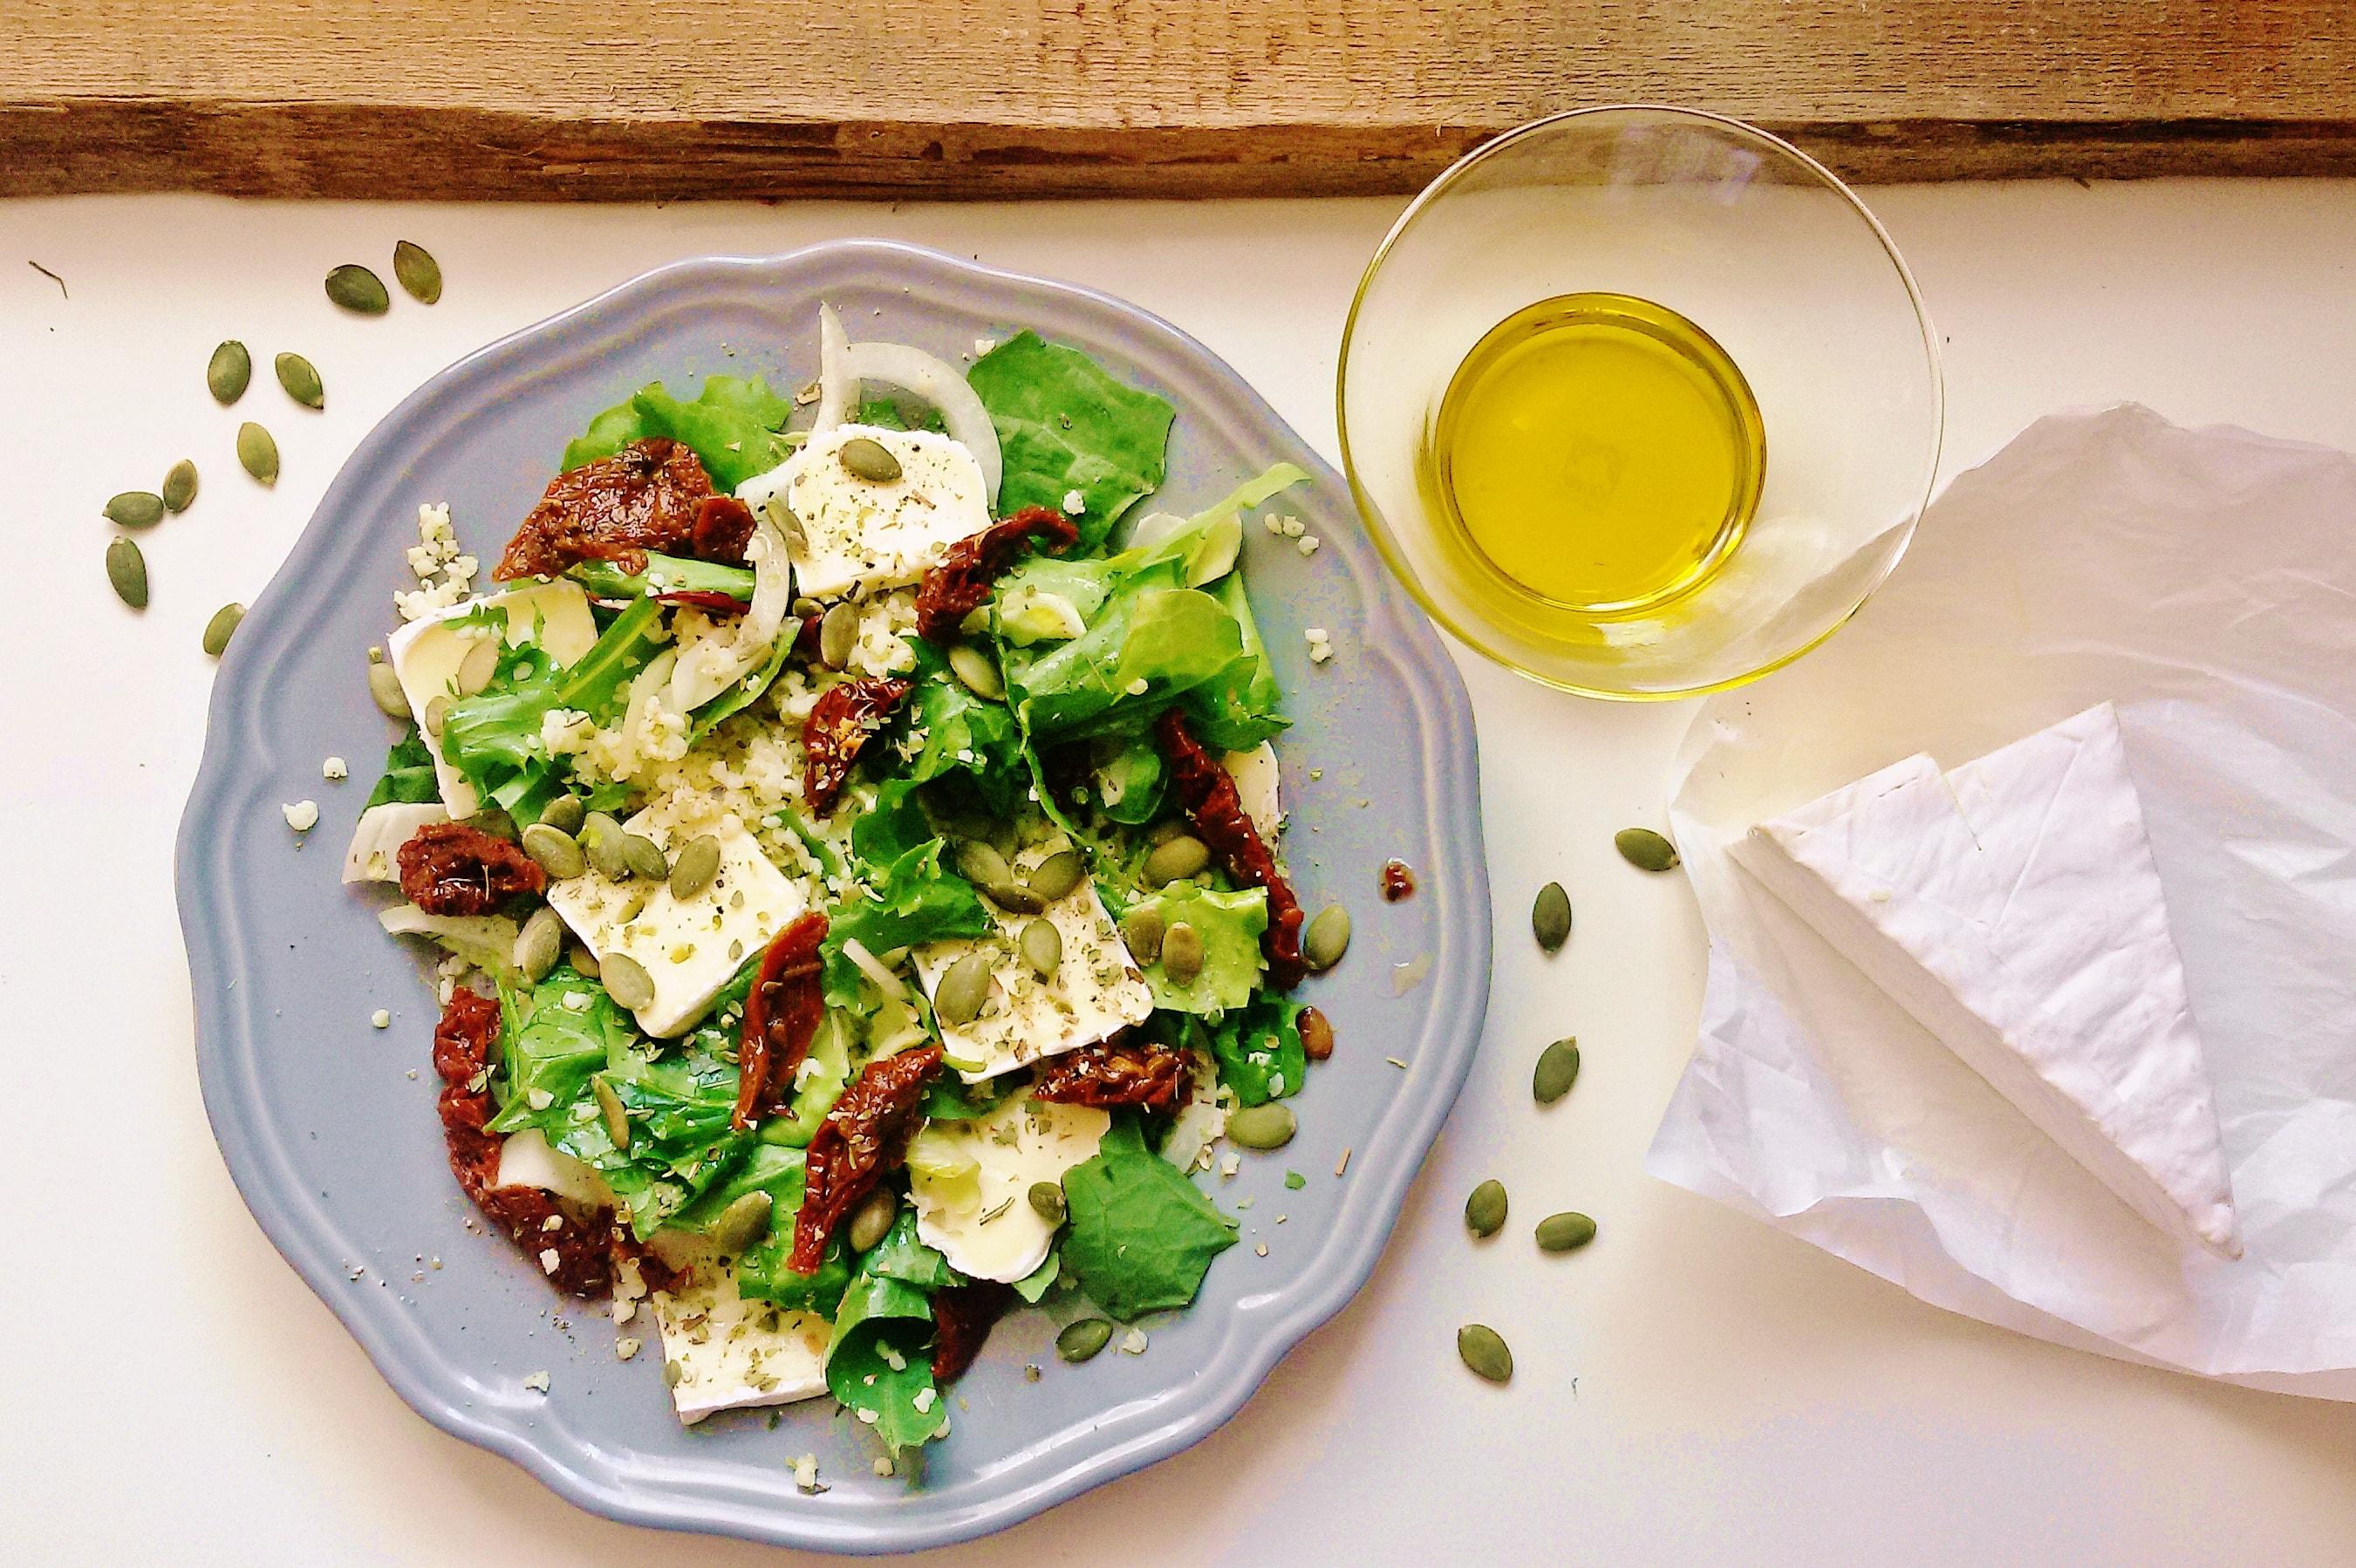 Szybka sałatka z kaszą jaglaną i suszonymi pomidorami